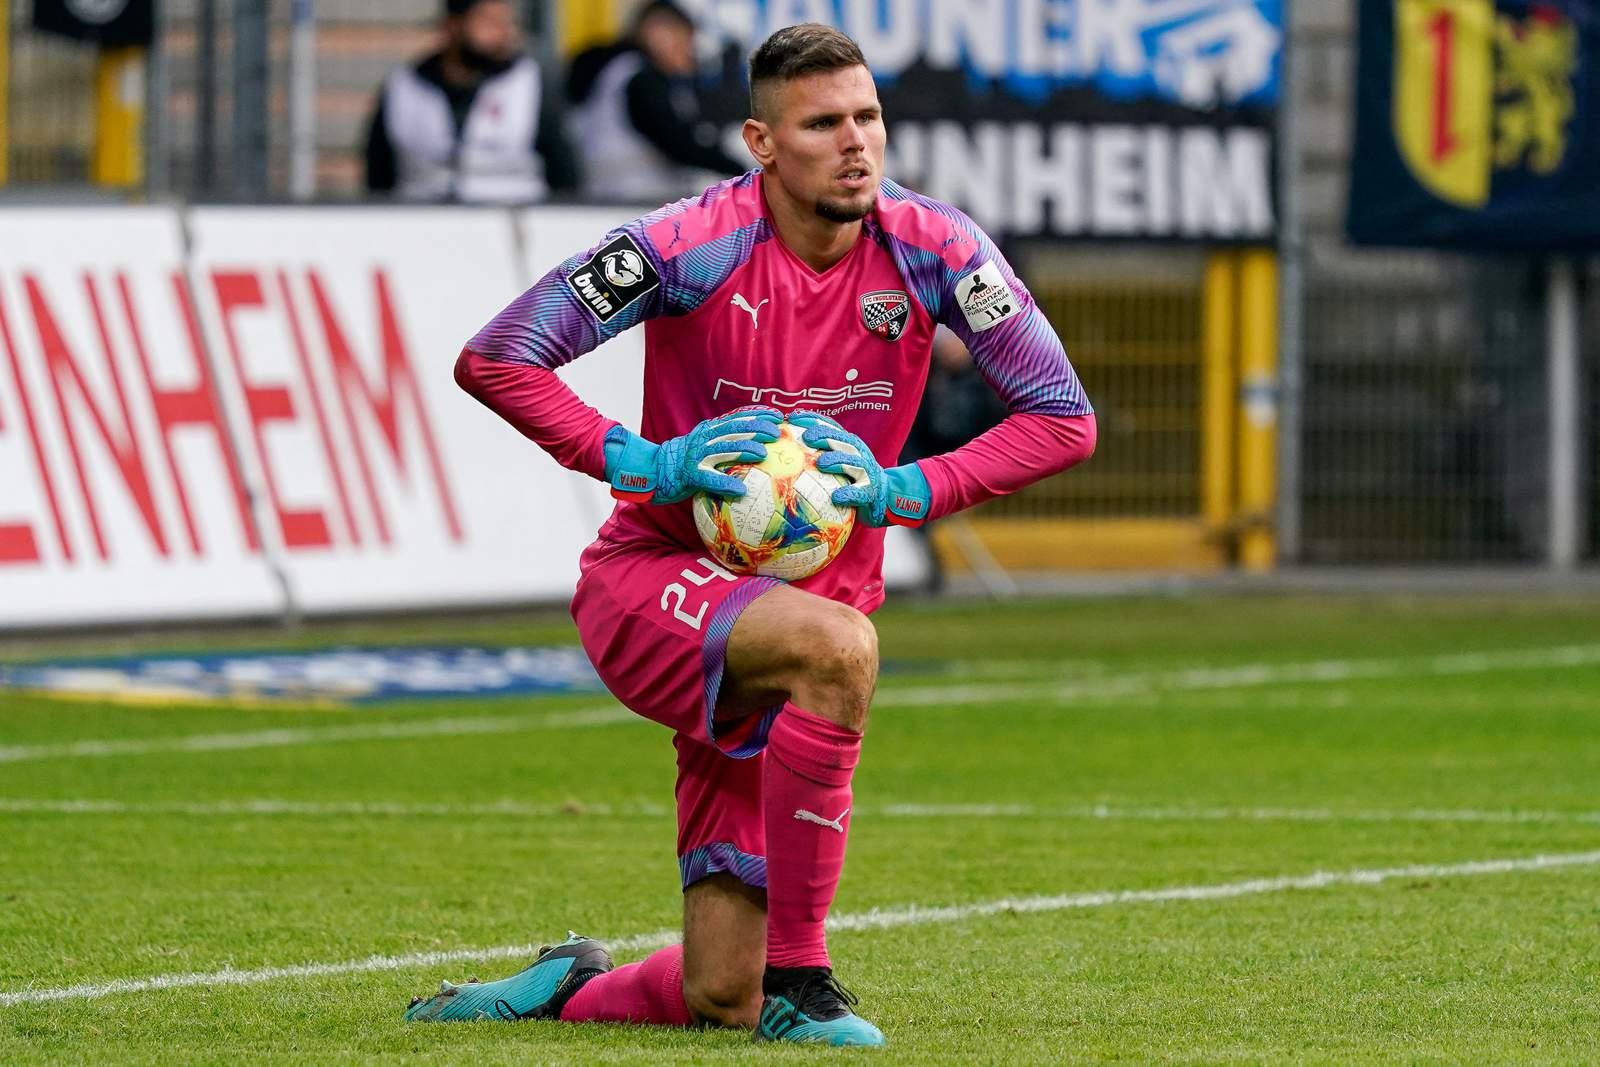 Fabijan Buntic im Spiel gegen Mannheim.